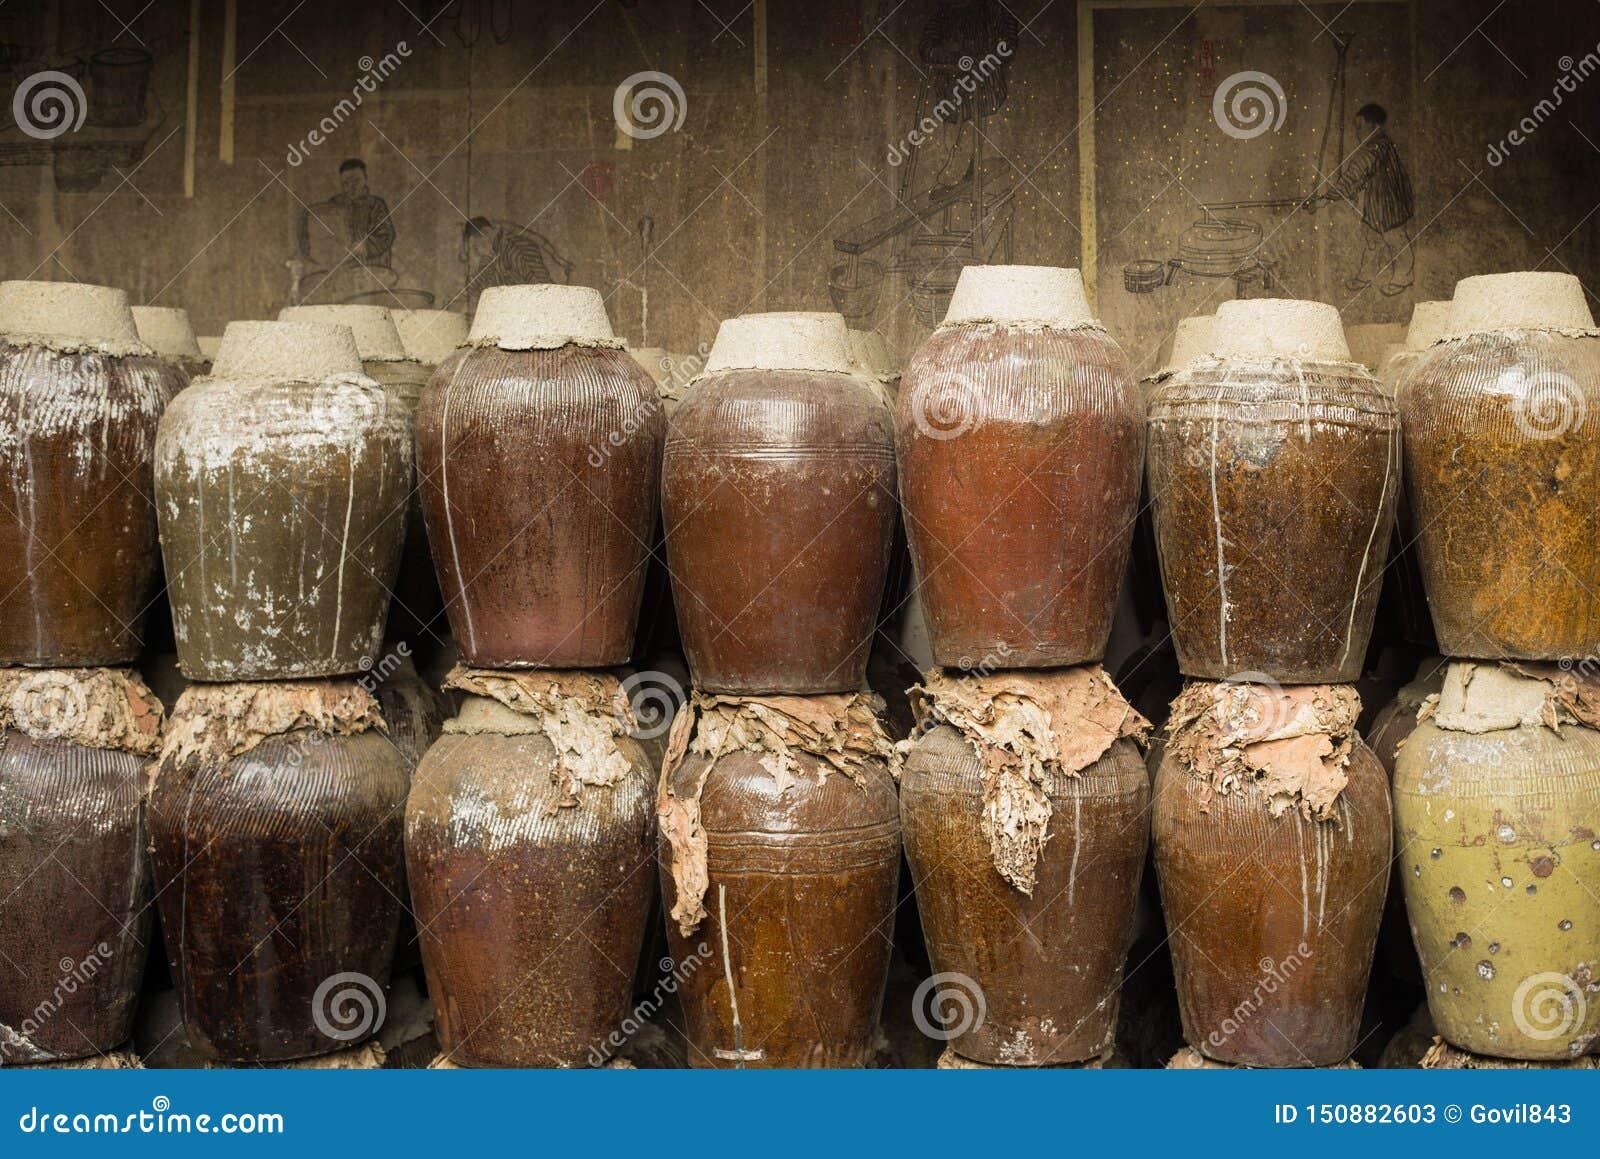 Grupa uszczelniona ceramiczna piwna baryłka, zaopatrzona w piwnej fabryce w Zhouzhuang wody miasteczku, Chiny